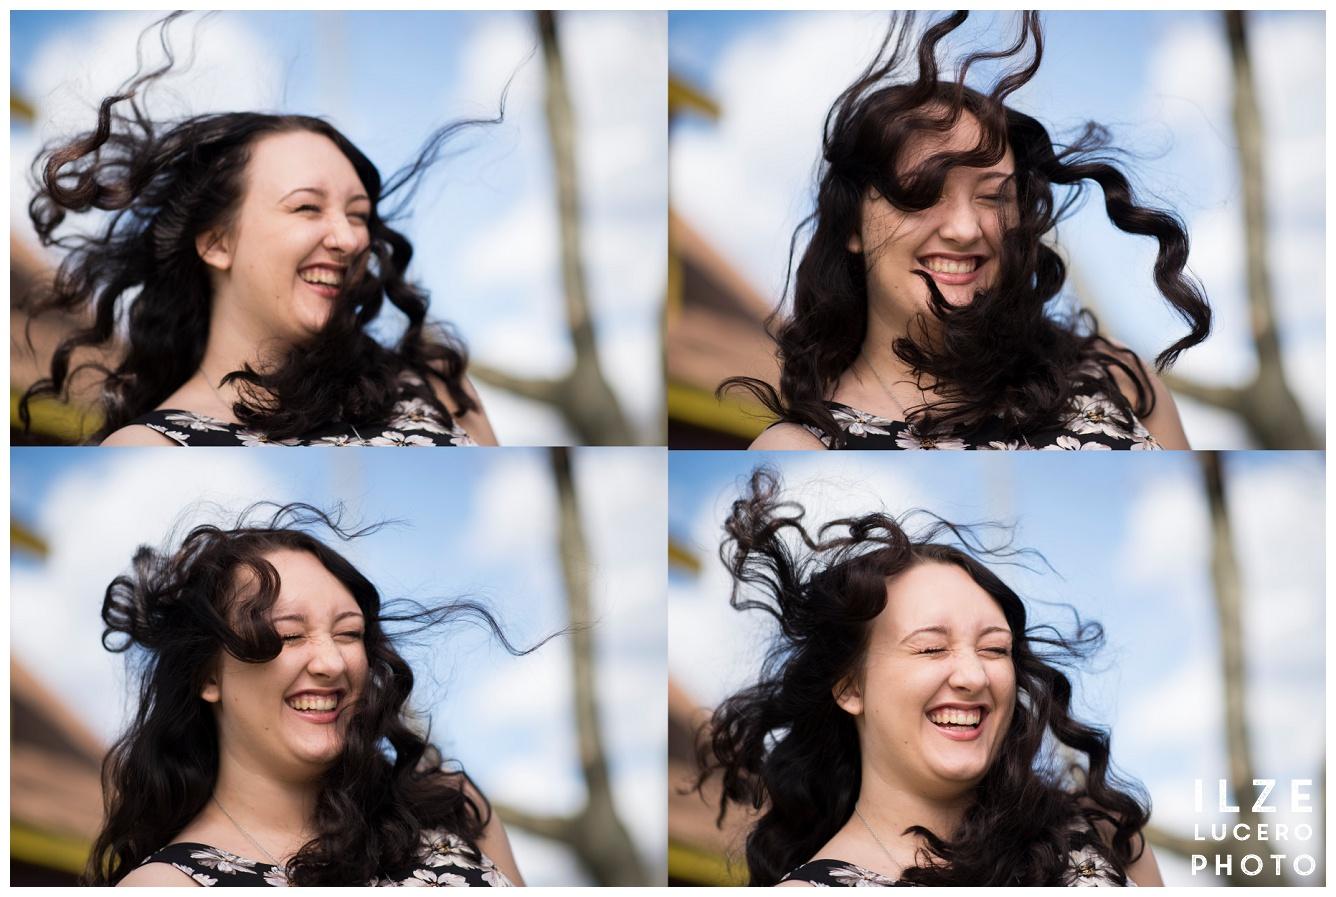 Fun with wind